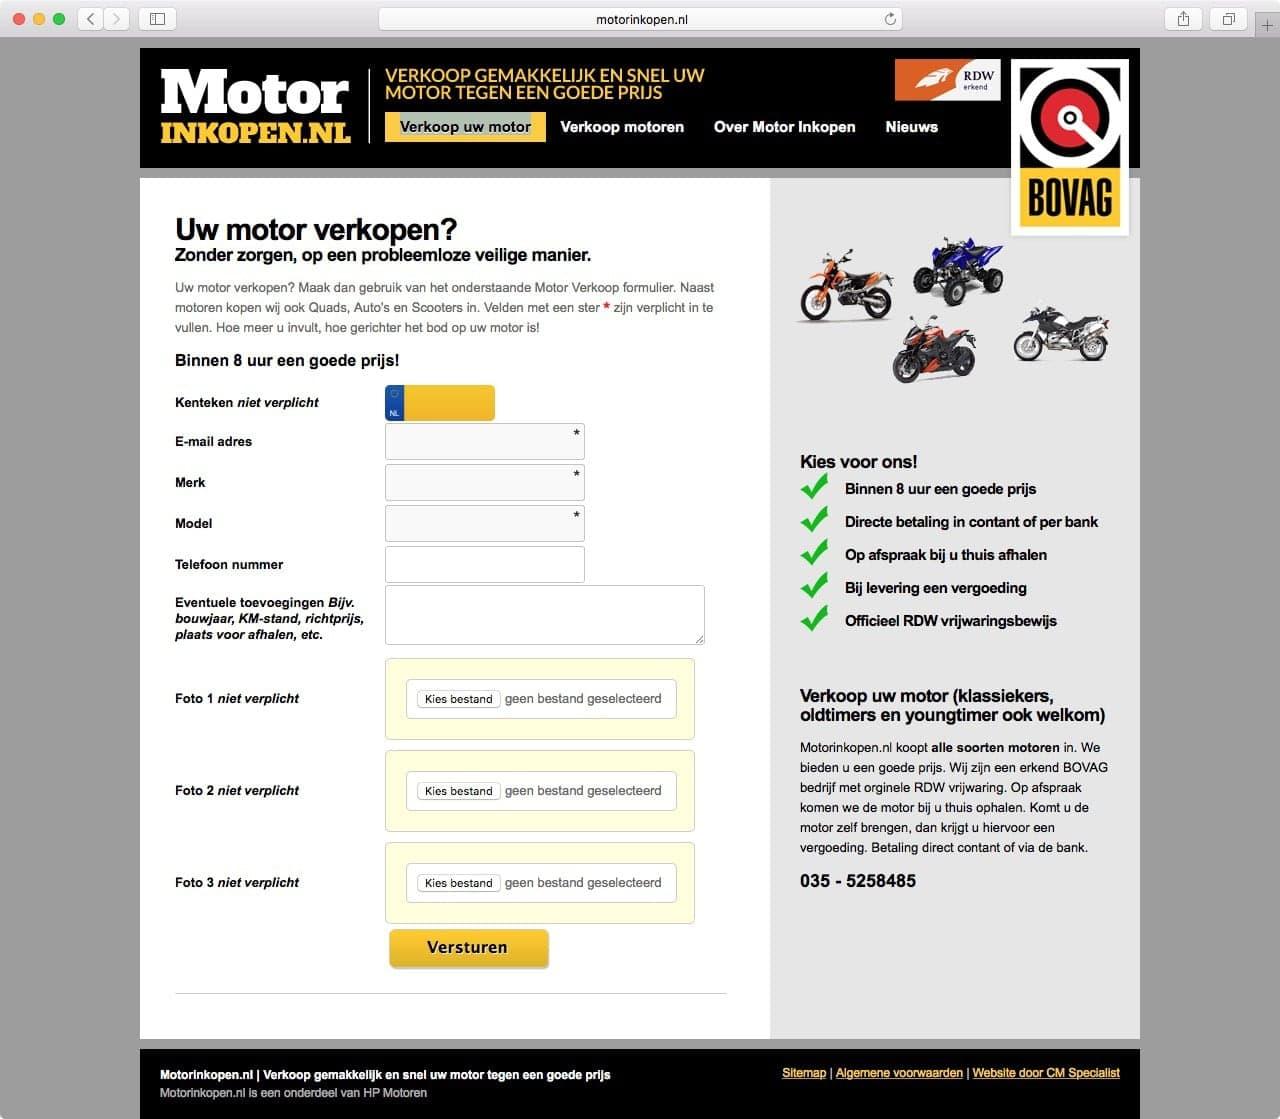 Motorinkopen.nl